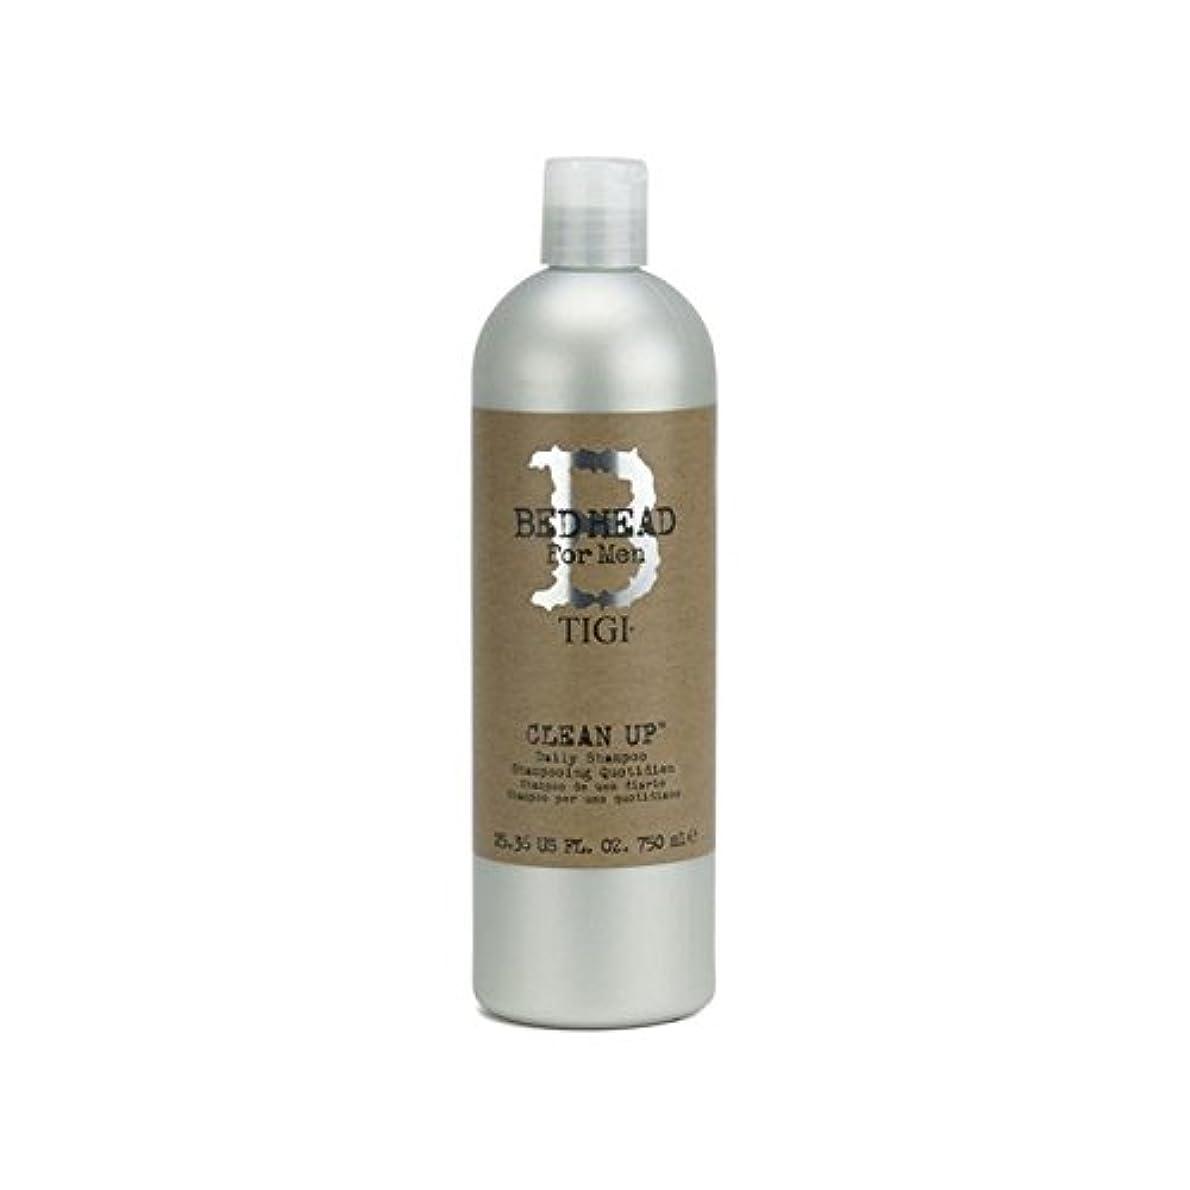 に対して寛解ミトン毎日シャンプーをクリーンアップする男性のためのティジーベッドヘッド(750ミリリットル) x4 - Tigi Bed Head For Men Clean Up Daily Shampoo (750ml) (Pack of 4) [並行輸入品]